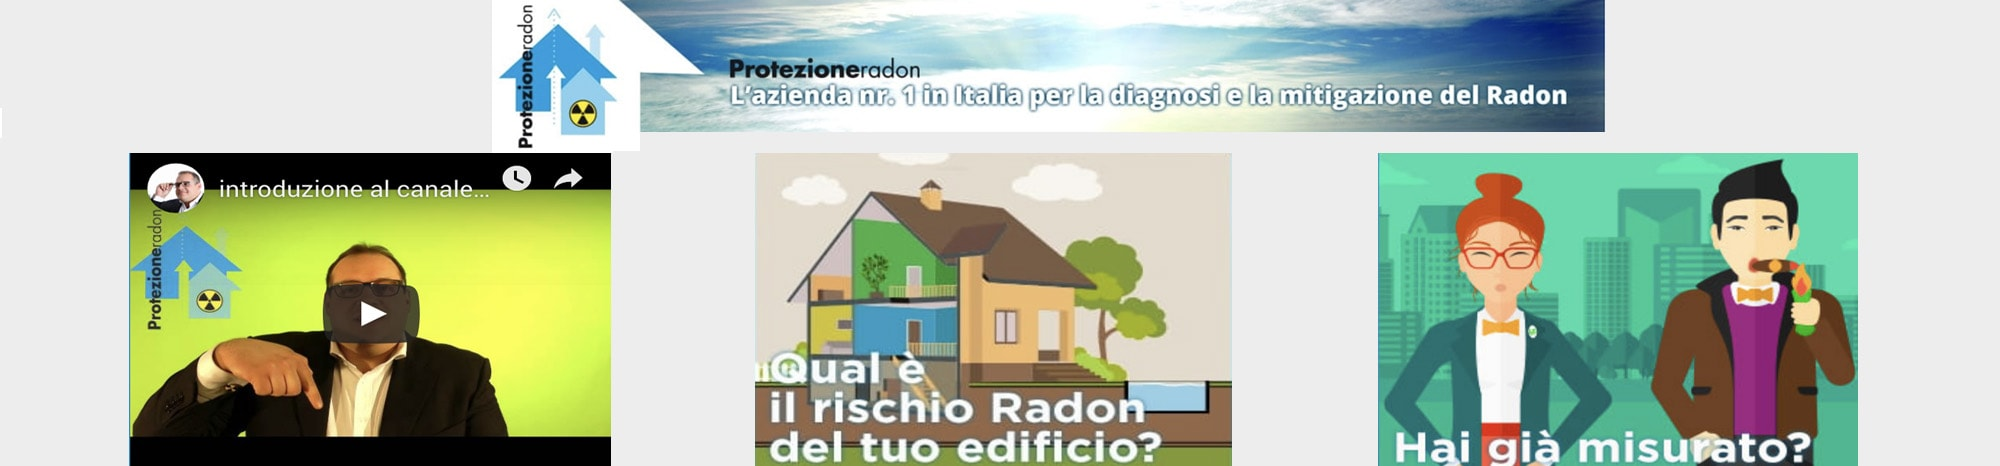 Protezione Radon